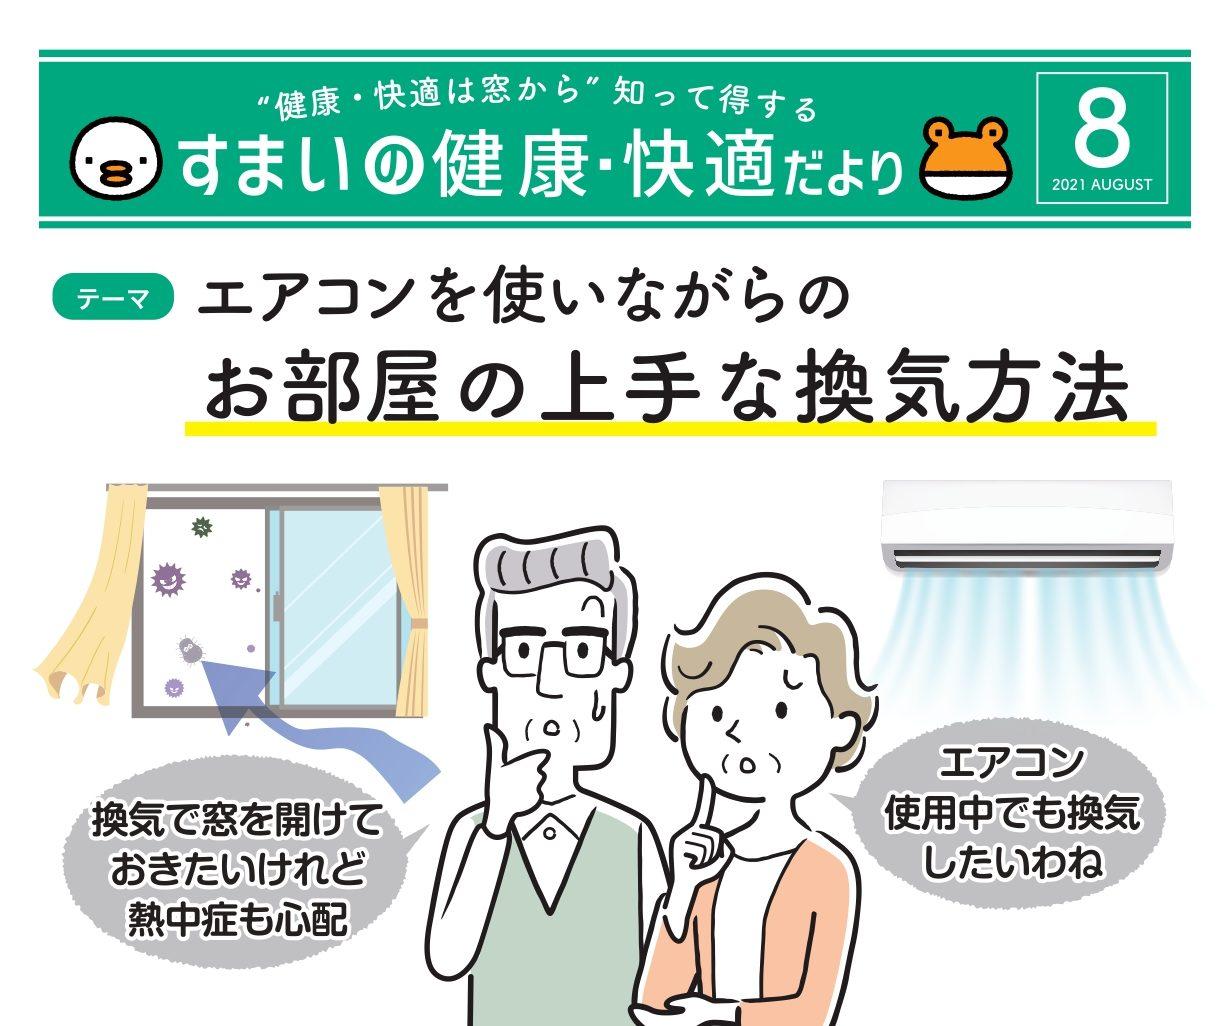 エアコンを使いながらのお部屋の上手な換気方法とは!? 福岡トーヨー 大牟田店のイベントキャンペーン メイン写真